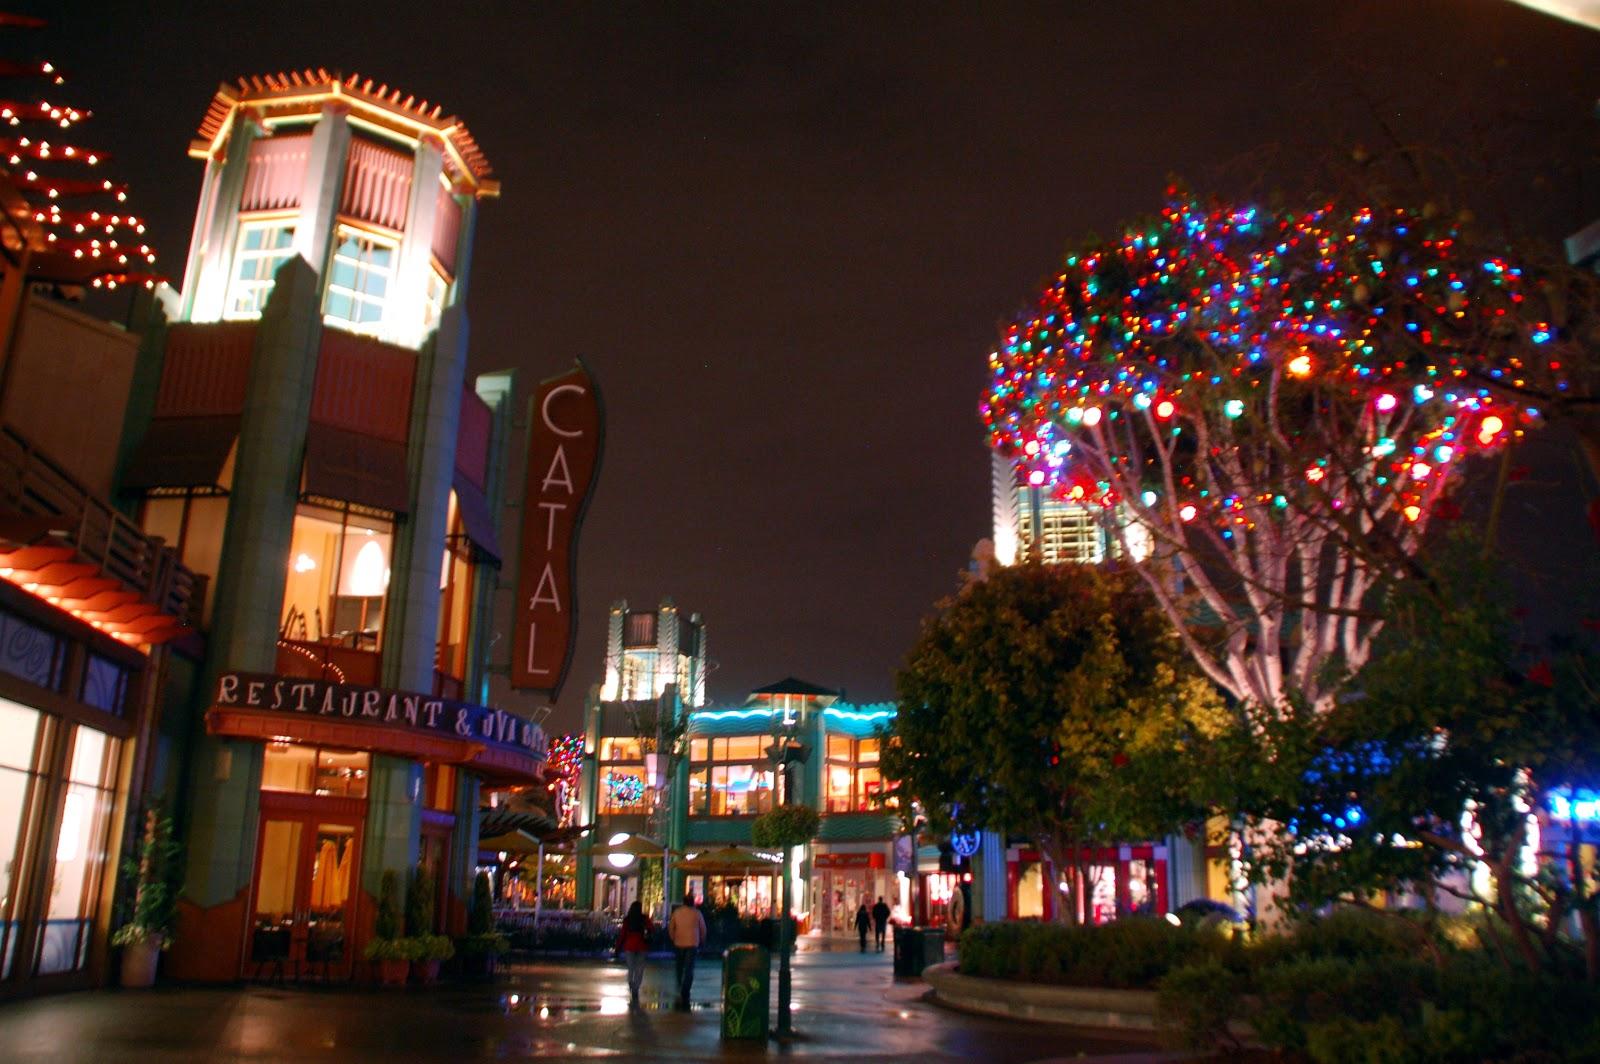 Catal Restaurant In Downtown Disney At Disneyland Resort Anaheim